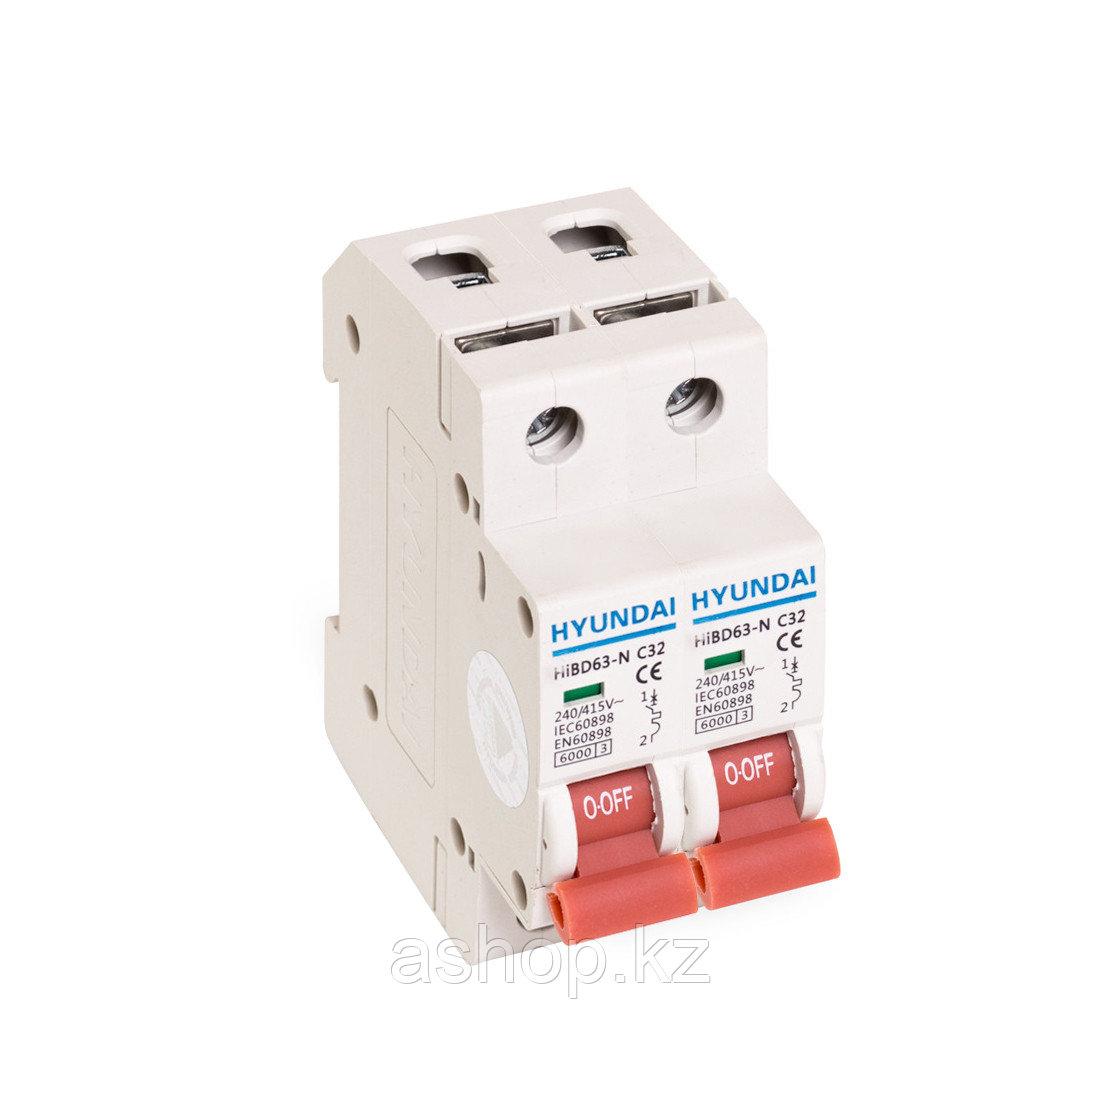 Автоматический выключатель реечный Hyundai HiBD63-N 2P 20А, 230/400 В, Кол-во полюсов: 2, Предел отключения: 6